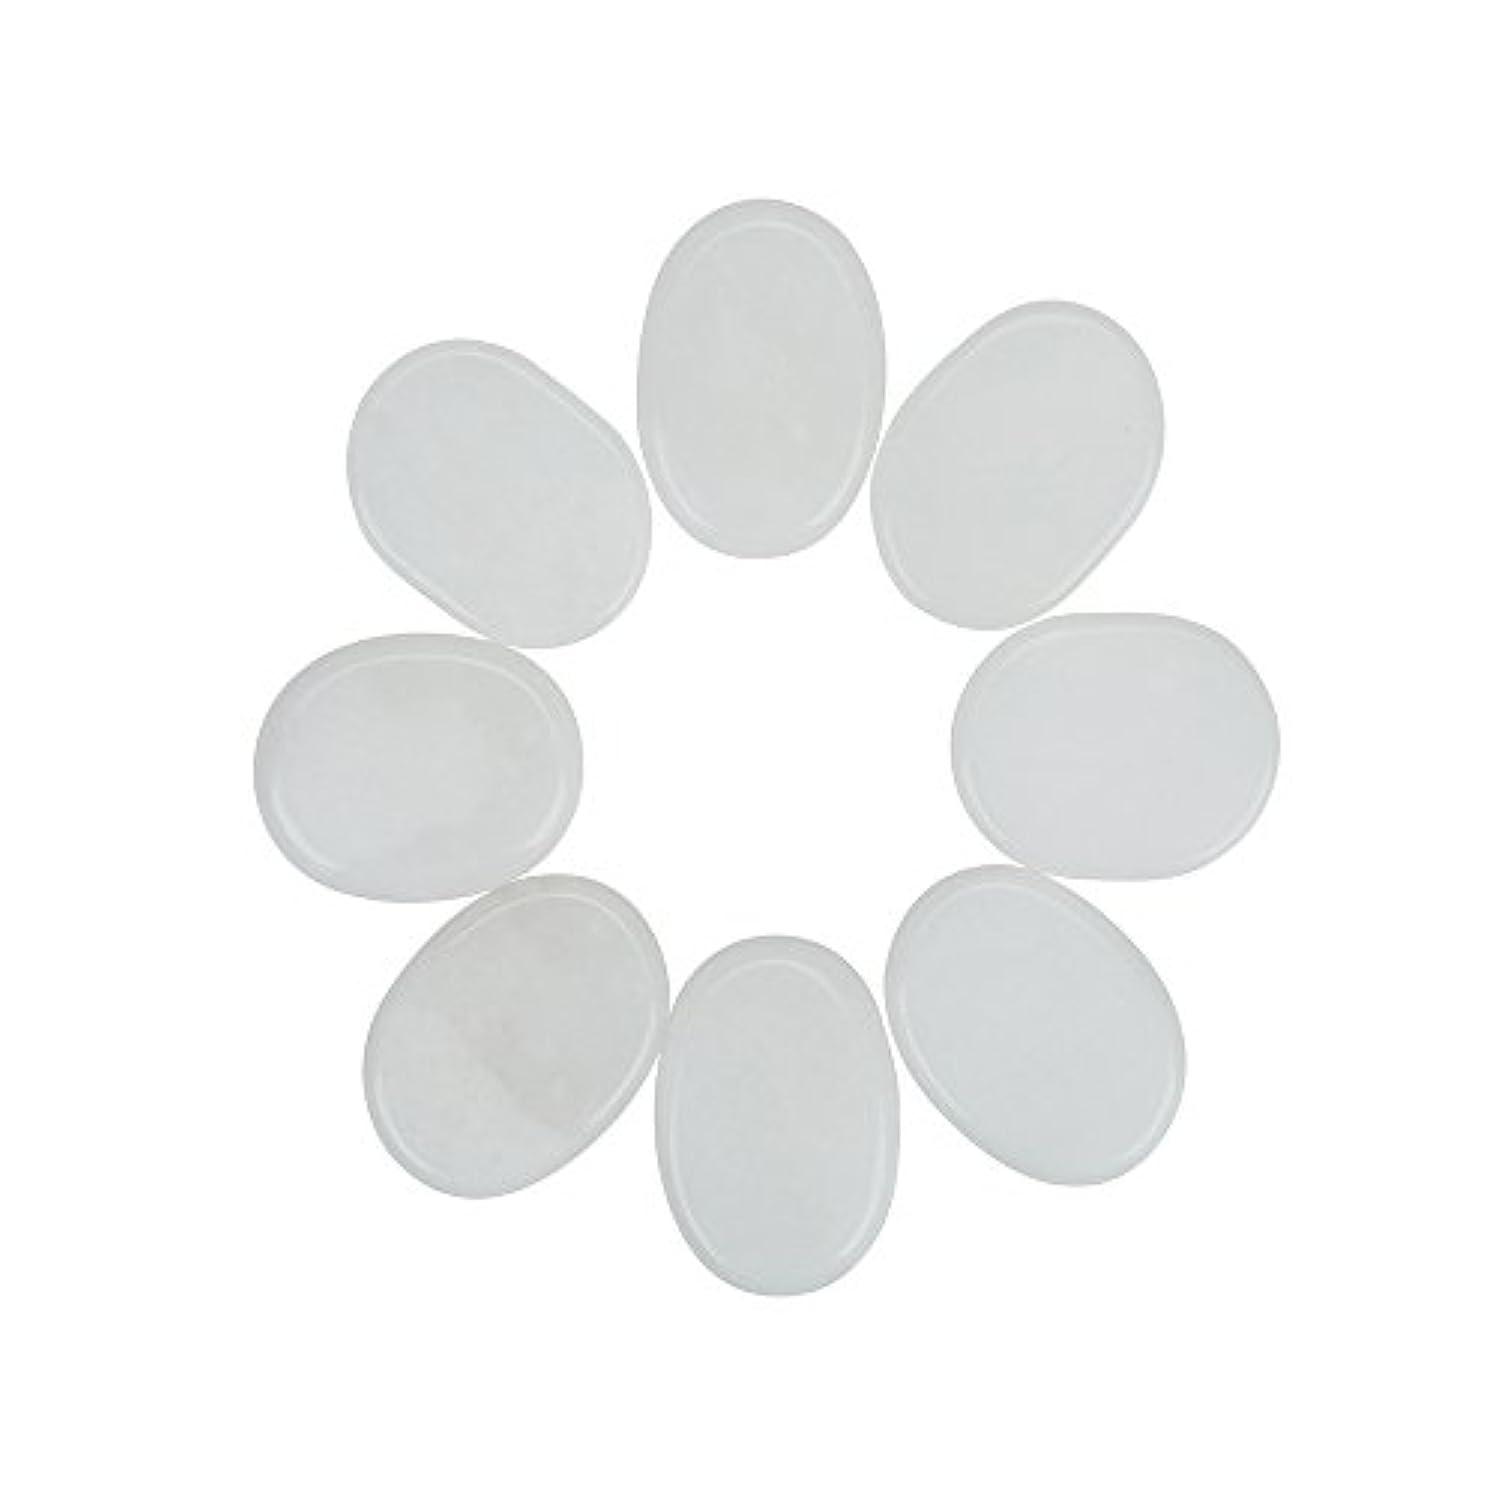 尊敬する聖なる慢性的Windfulogo 8個入りホットマッサージストーンセットナチュラルジェイドスパマッサージ用ウォームストーンホットホワイト1.18 x 1.57 in(3x4cm)